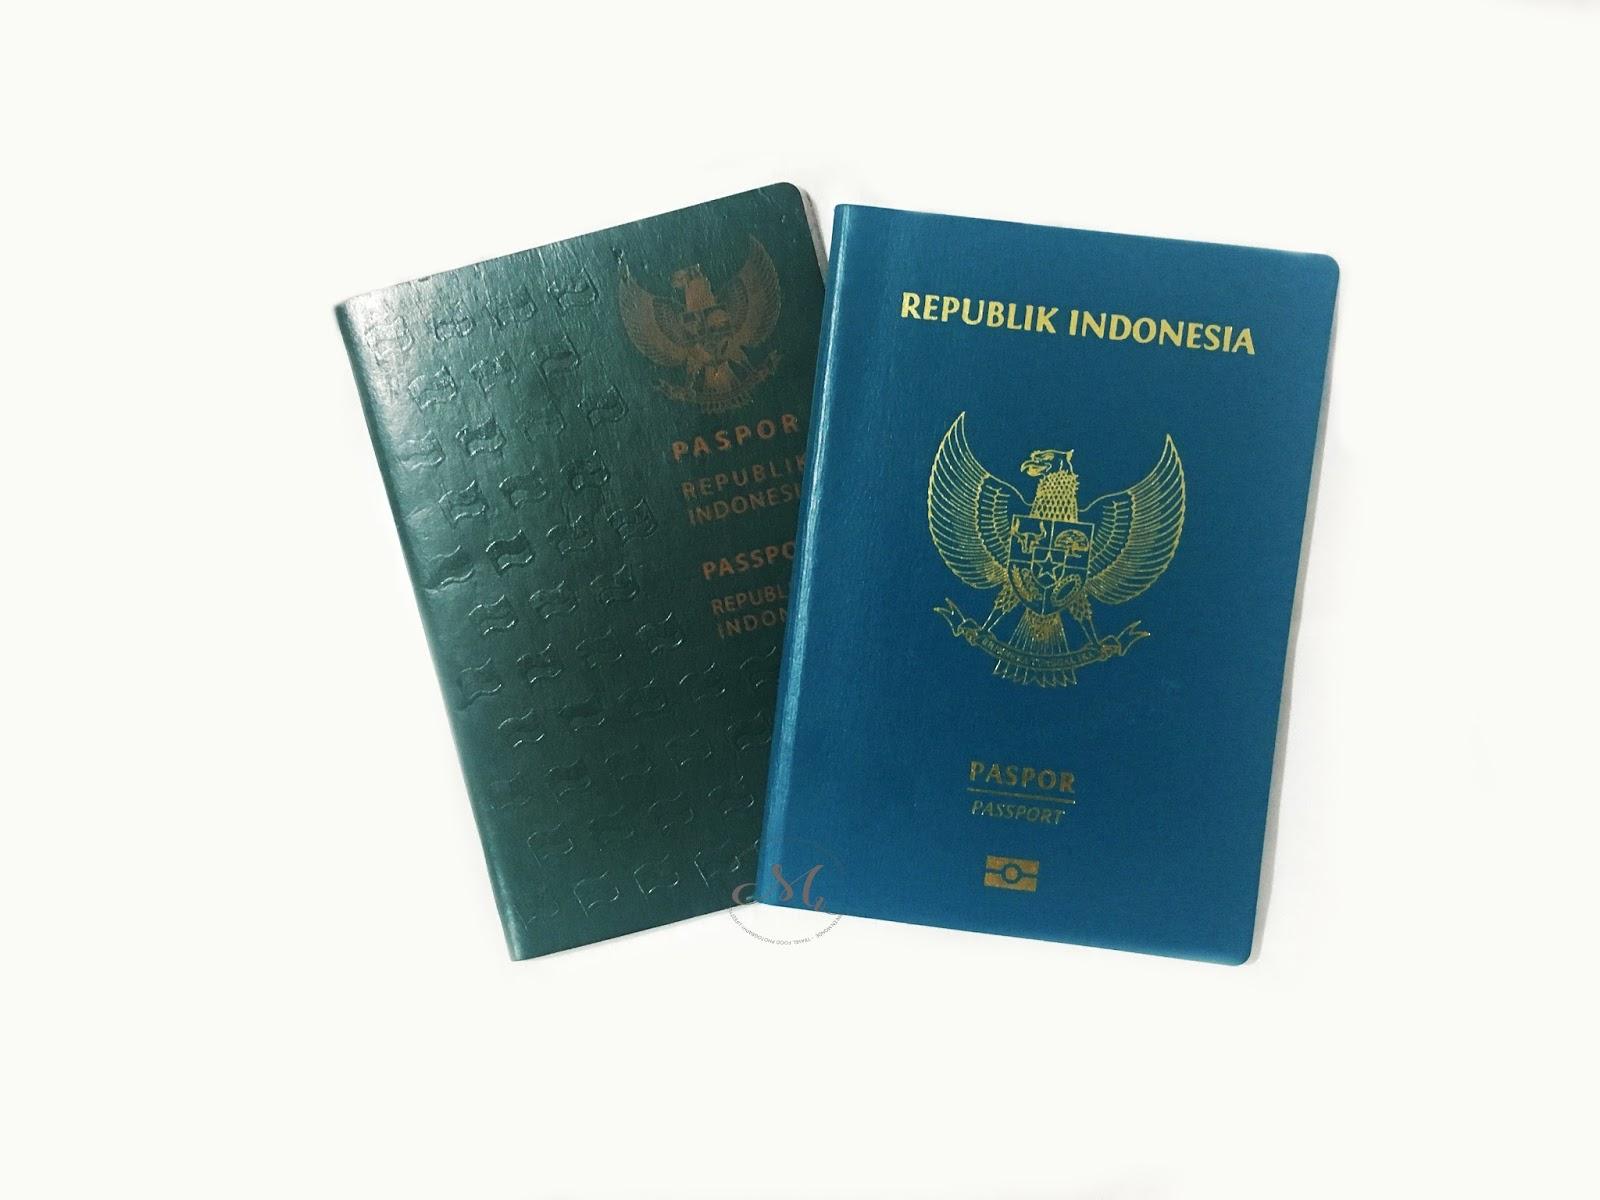 Drama Pembuatan e-Paspor - Cara mudah buat e-paspor dengan